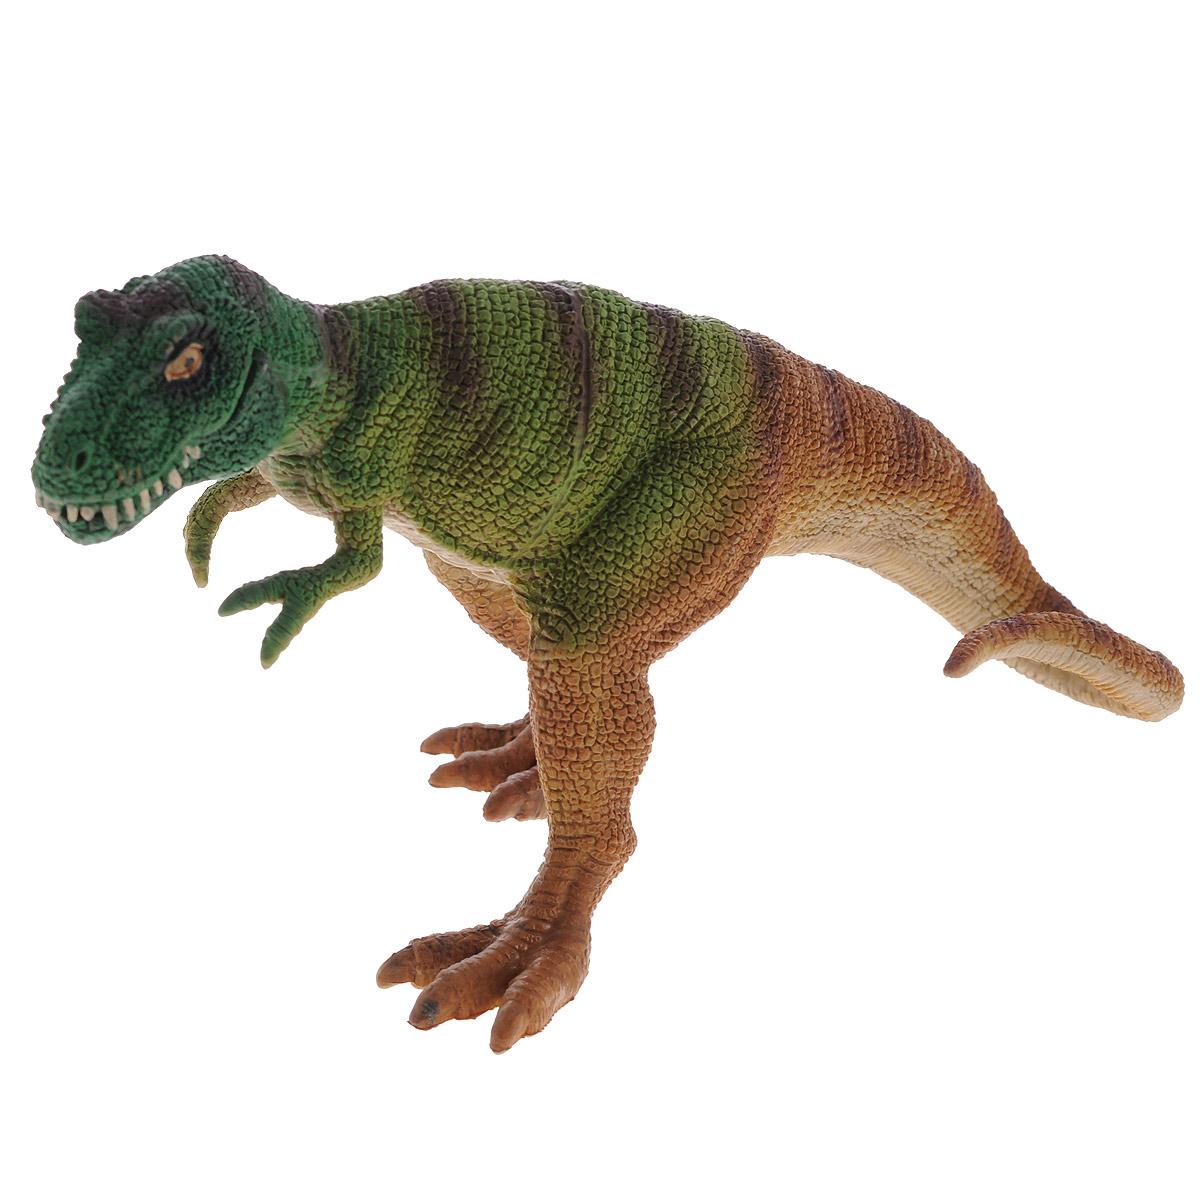 Фигурка Megasaurs Тираннозавр с двигающейся пастью, цвет: бежевый, светло-зеленыйSV11025_бежевый, светло-зеленыйБольшая фигурка динозавра Megasaurs выполнена из высококачественного материала, внешний вид динозавра основан на реальных палеонтологических данных. Тираннозавр, пожалуй, самый известный из древних ящеров. Этот грозный хищник достигал 12 метров в длину, а его острые зубы представляли смертельную опасность. Жил в конце Мелового периода, закончив свое существование во время катаклизма, положившего конец эре динозавров. Фигурка тираннозавра функциональная, пасть открывается, придавая динозавру устрашающий вид.